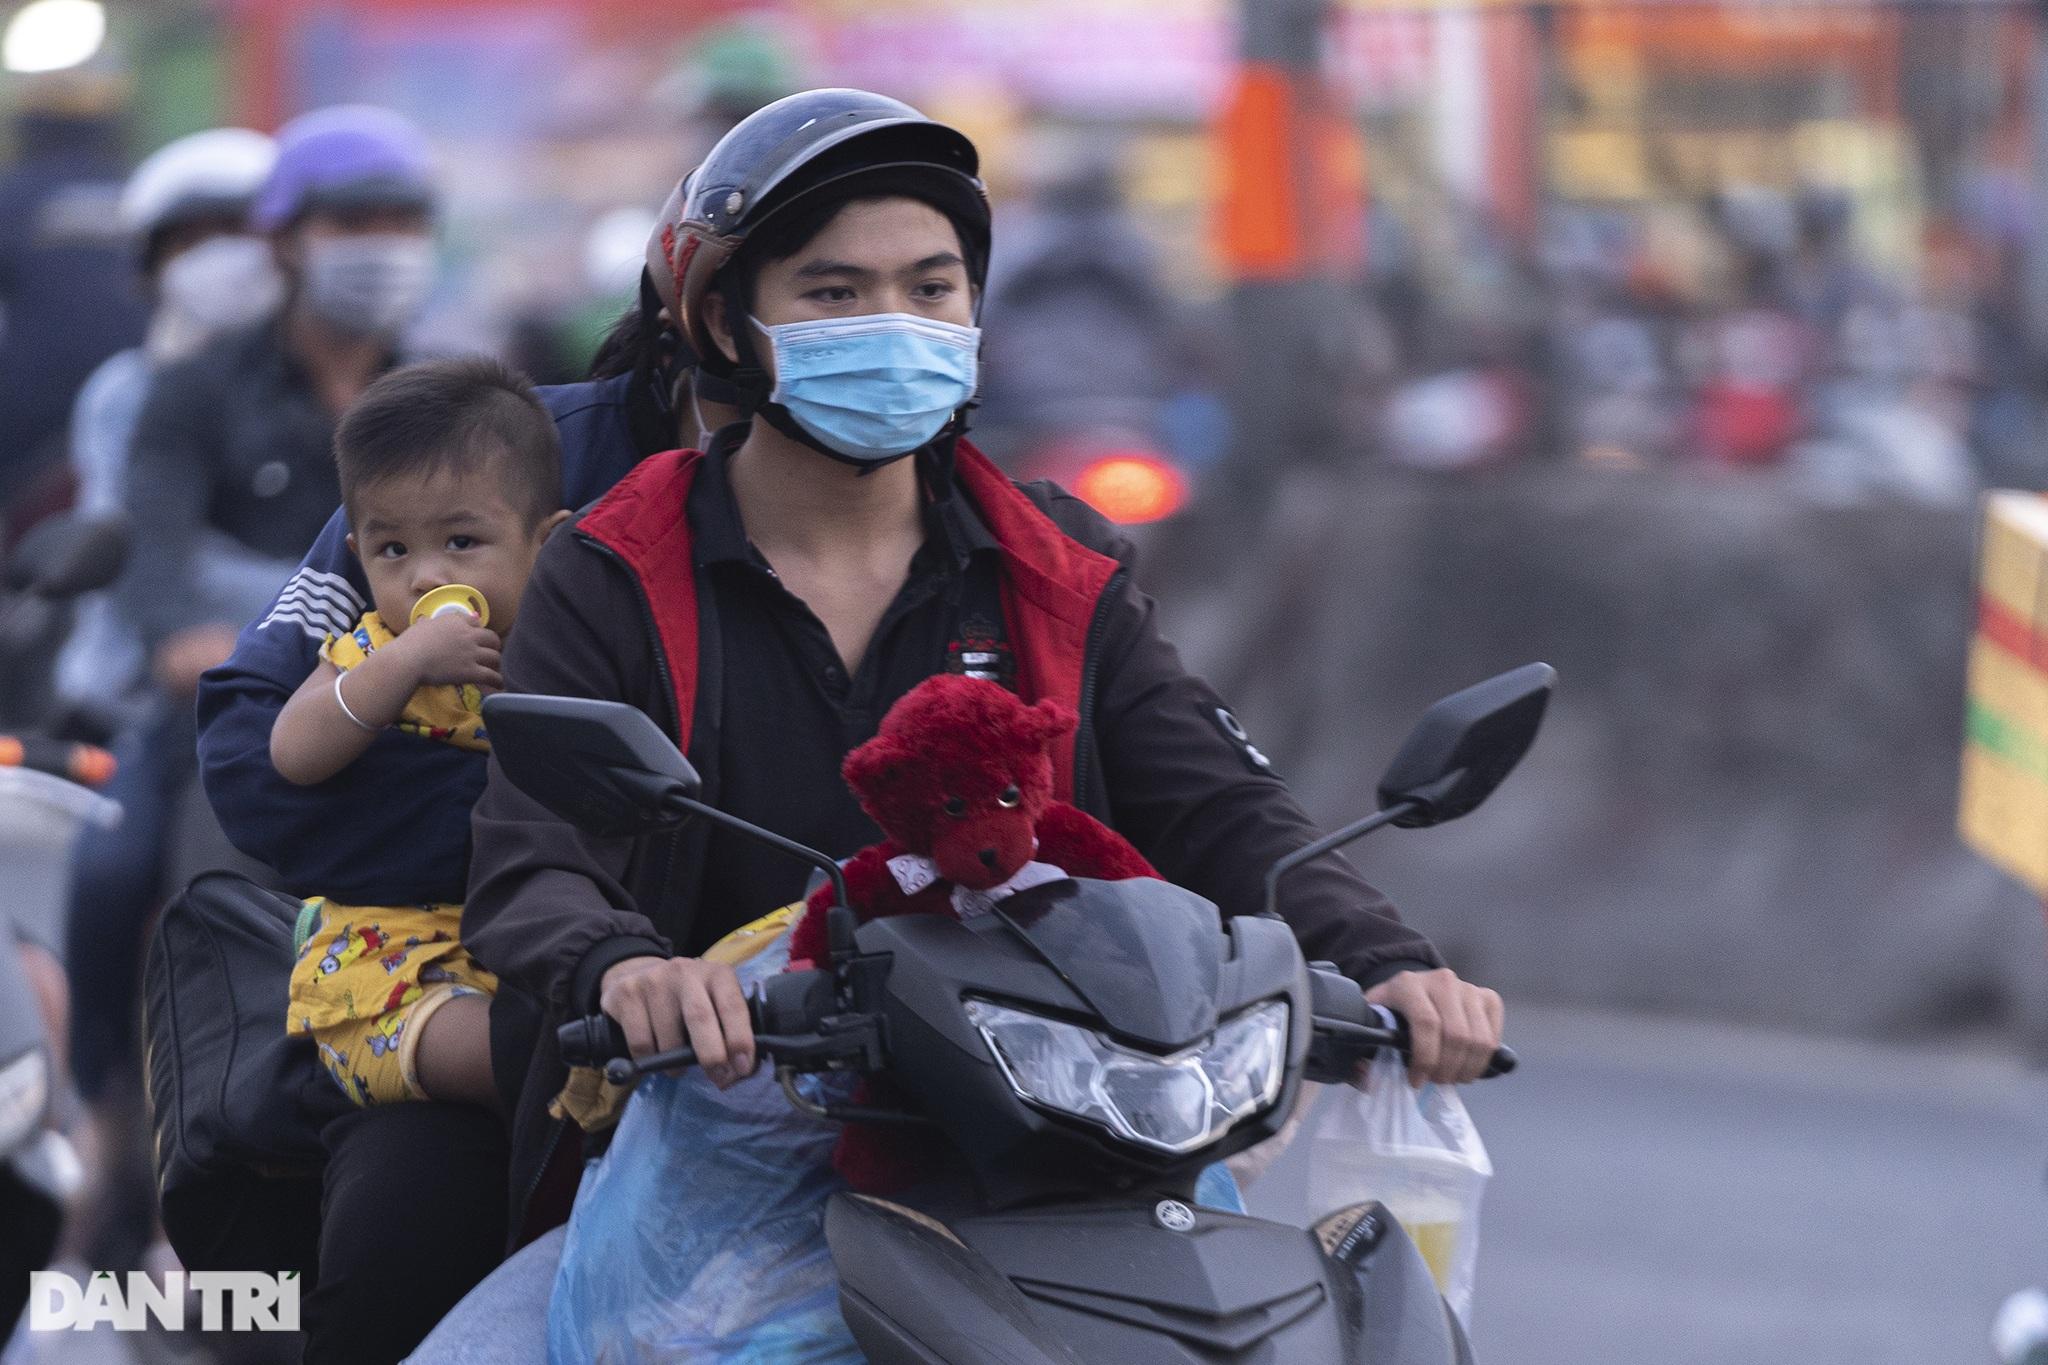 Người dân trở lại Sài Gòn sớm, giao thông cửa ngõ ùn tắc, hỗn loạn - 15